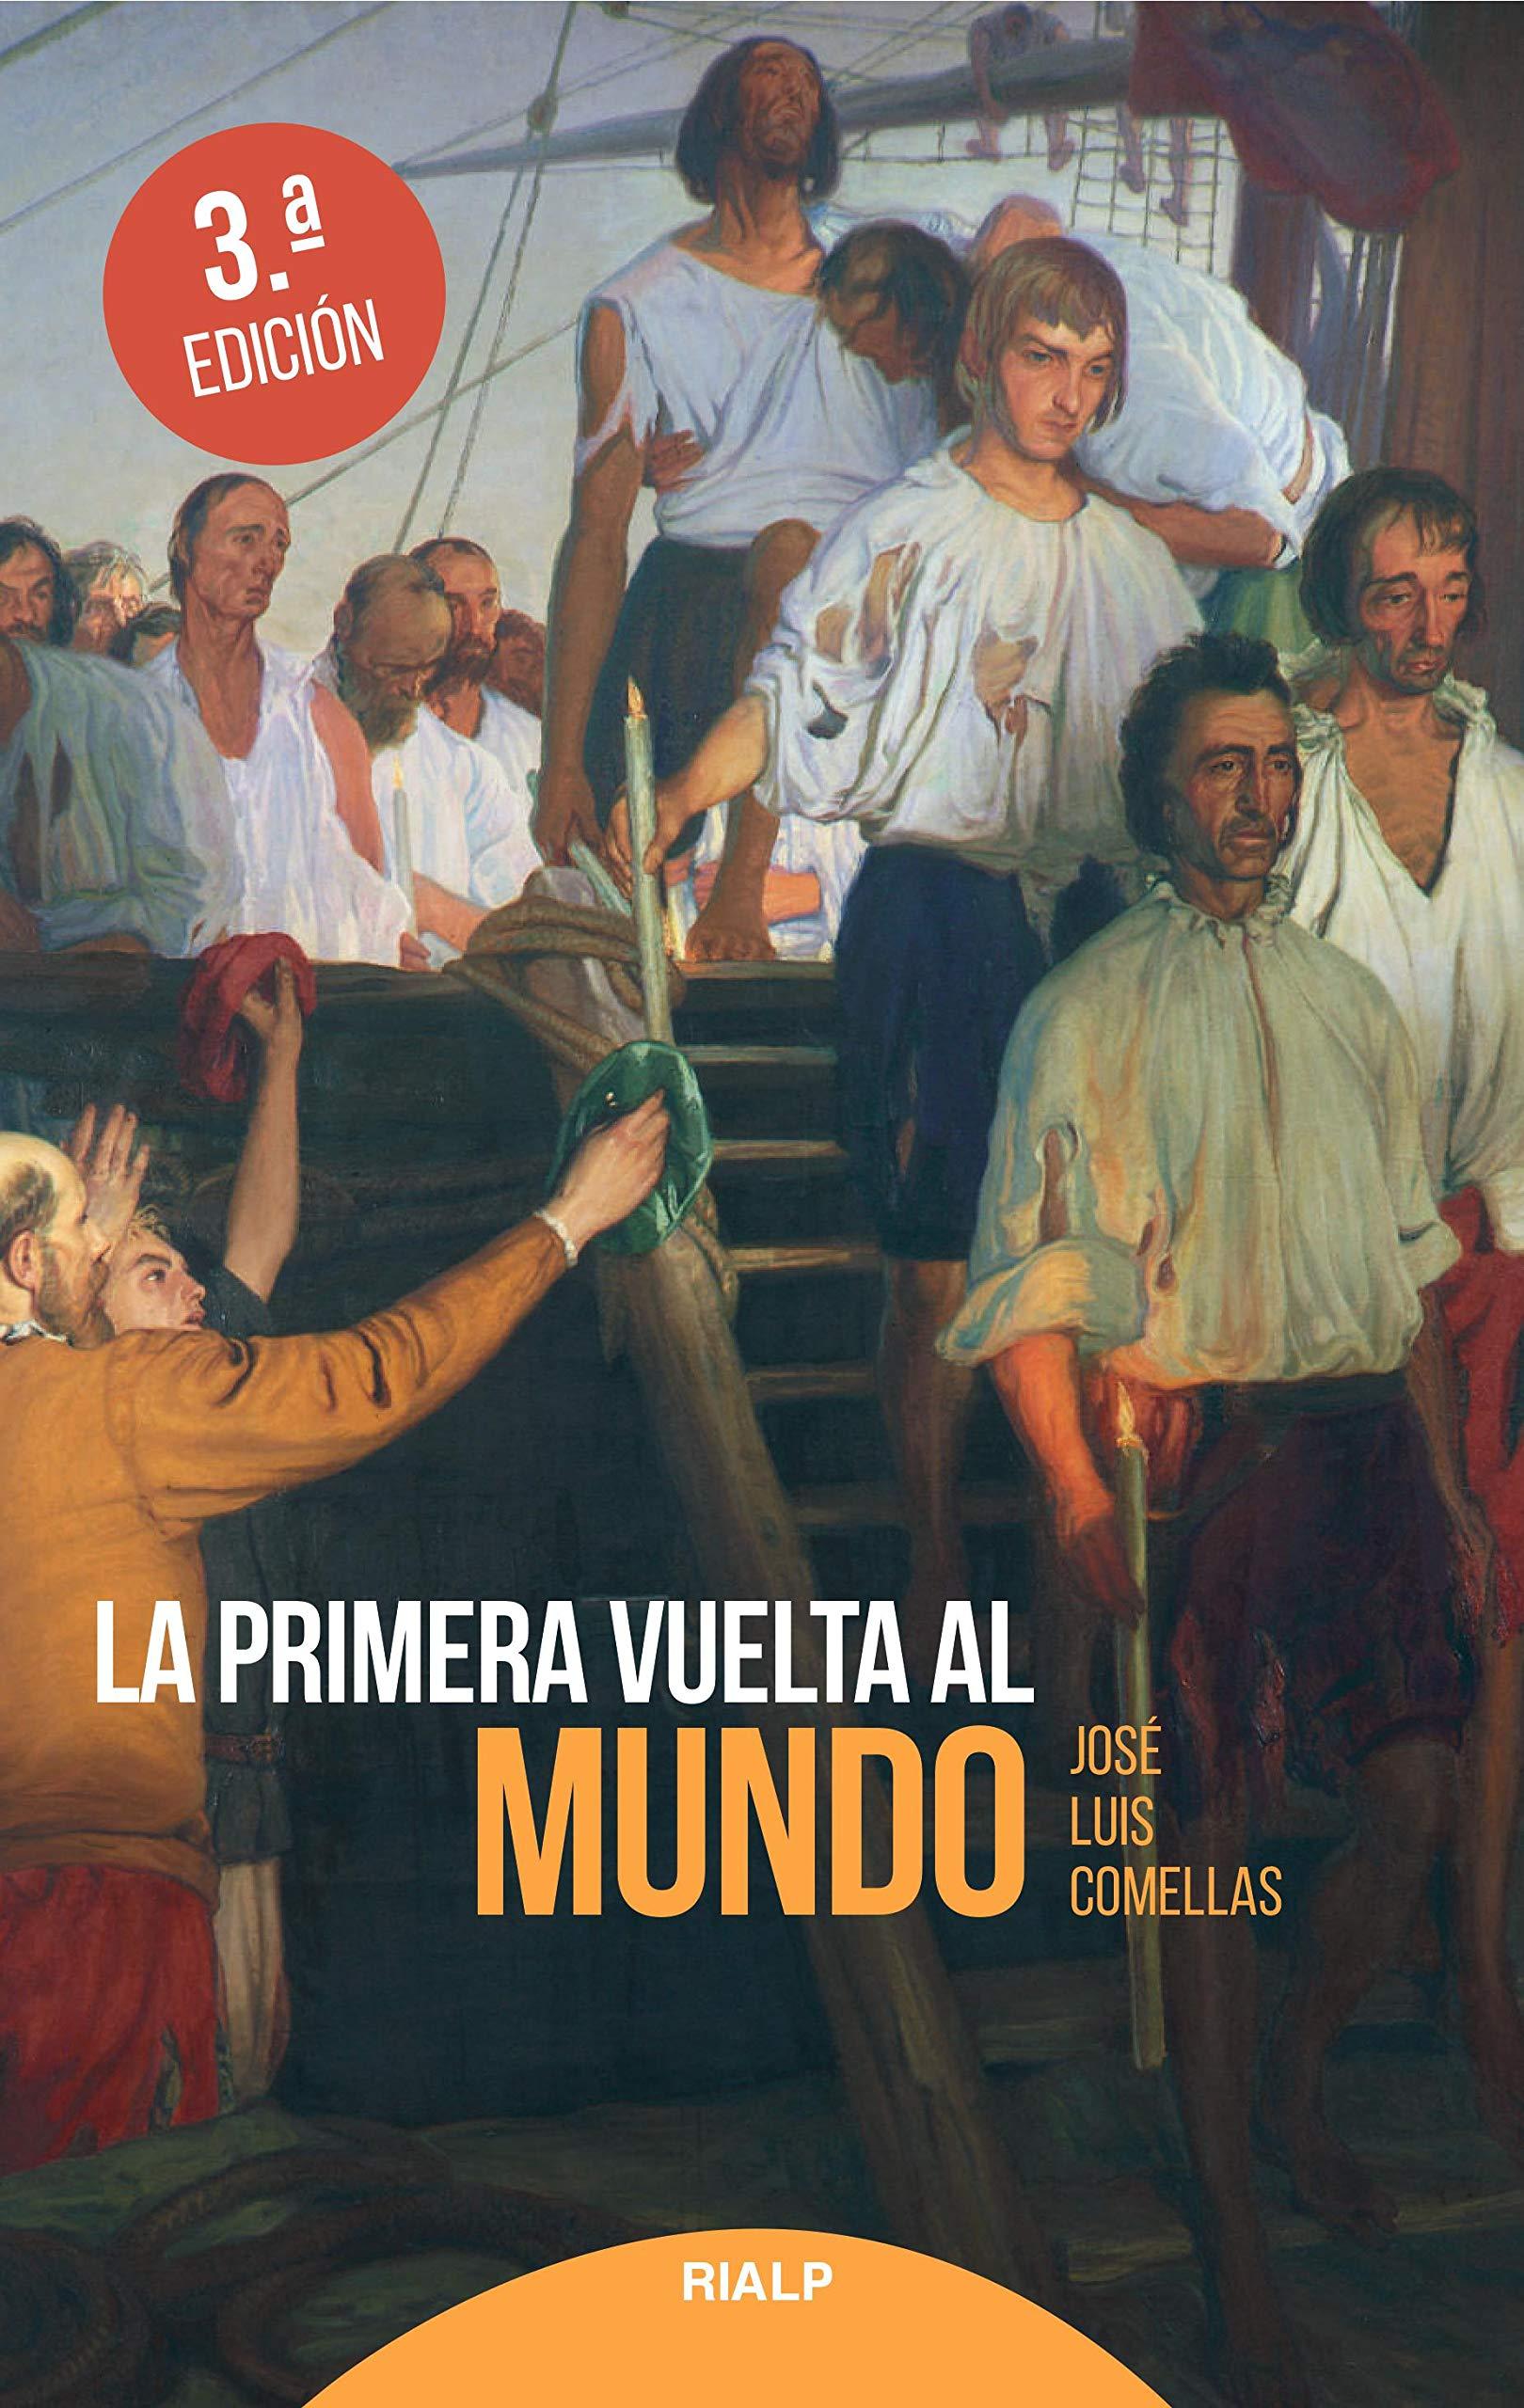 La primera vuelta al mundo: Amazon.es: José Luis Comellas García-Lera, José Luis Comellas García-Lera: Libros